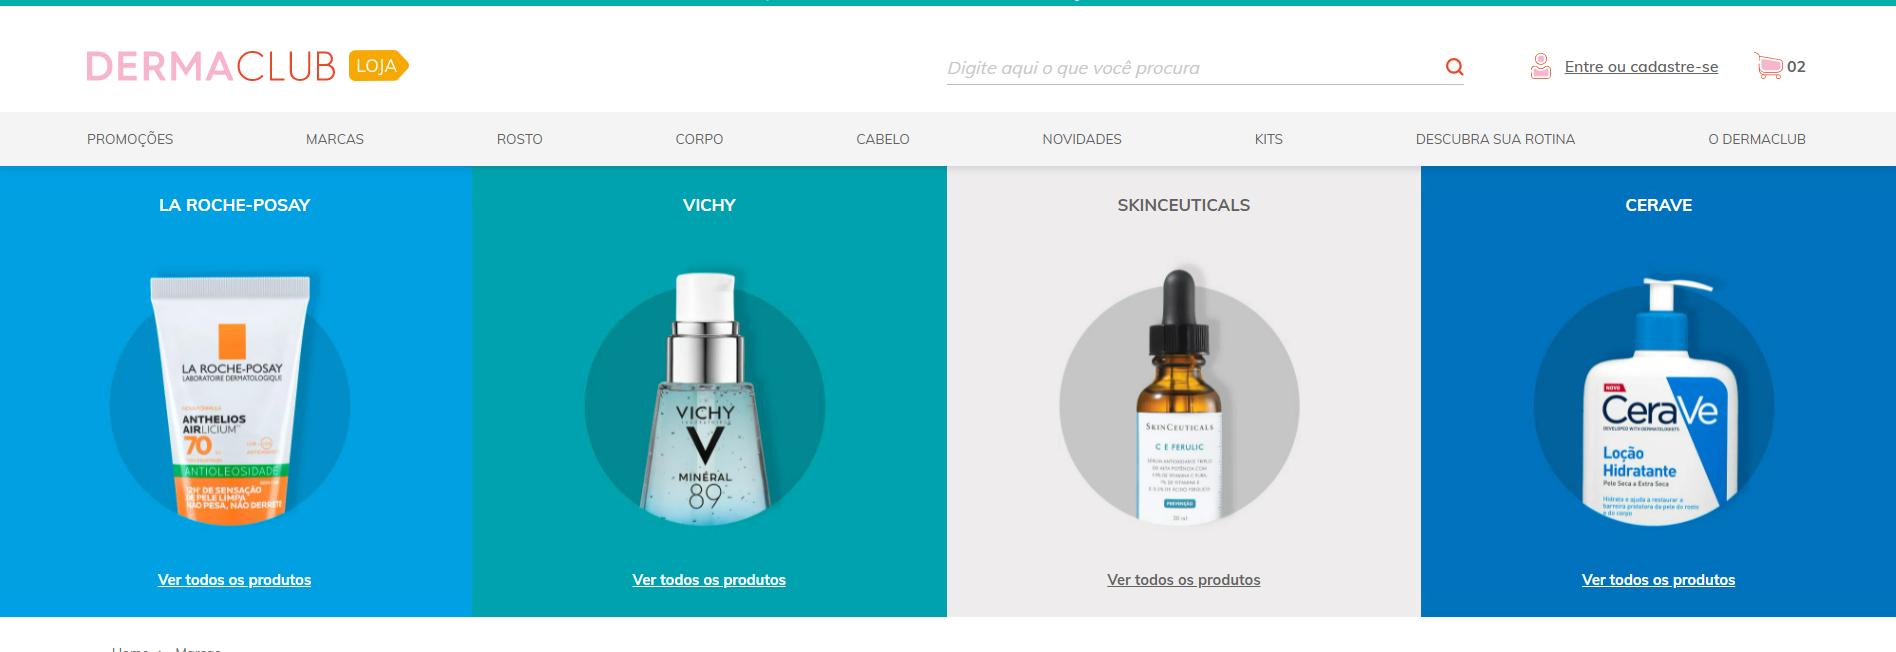 DermaClub e-commerce: La Roche-Posay, Vichy, SkinCeuticals e CeraVe